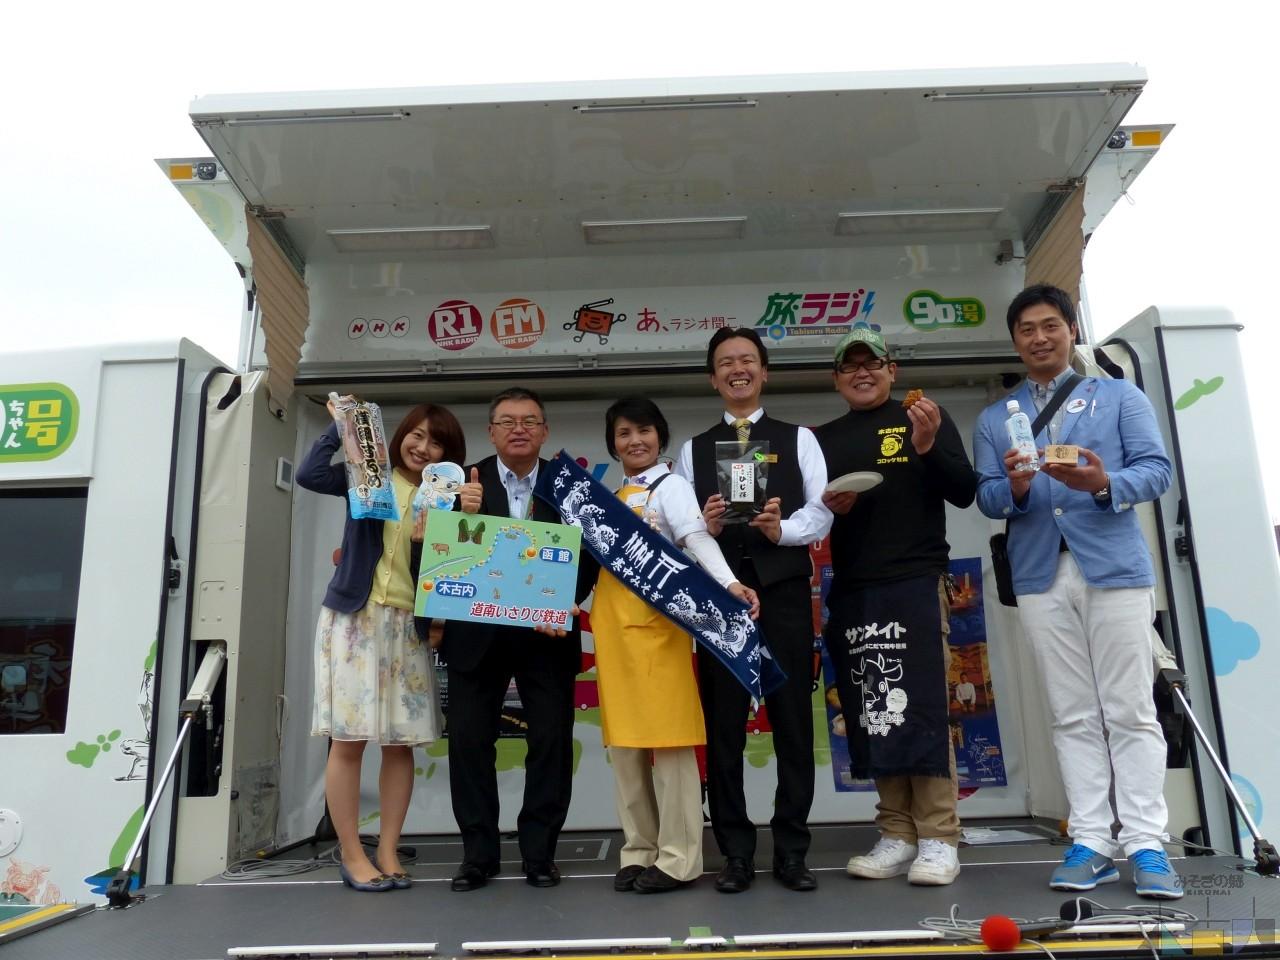 NHKラジオ『旅ラジ!』 聞いて頂けましたか?